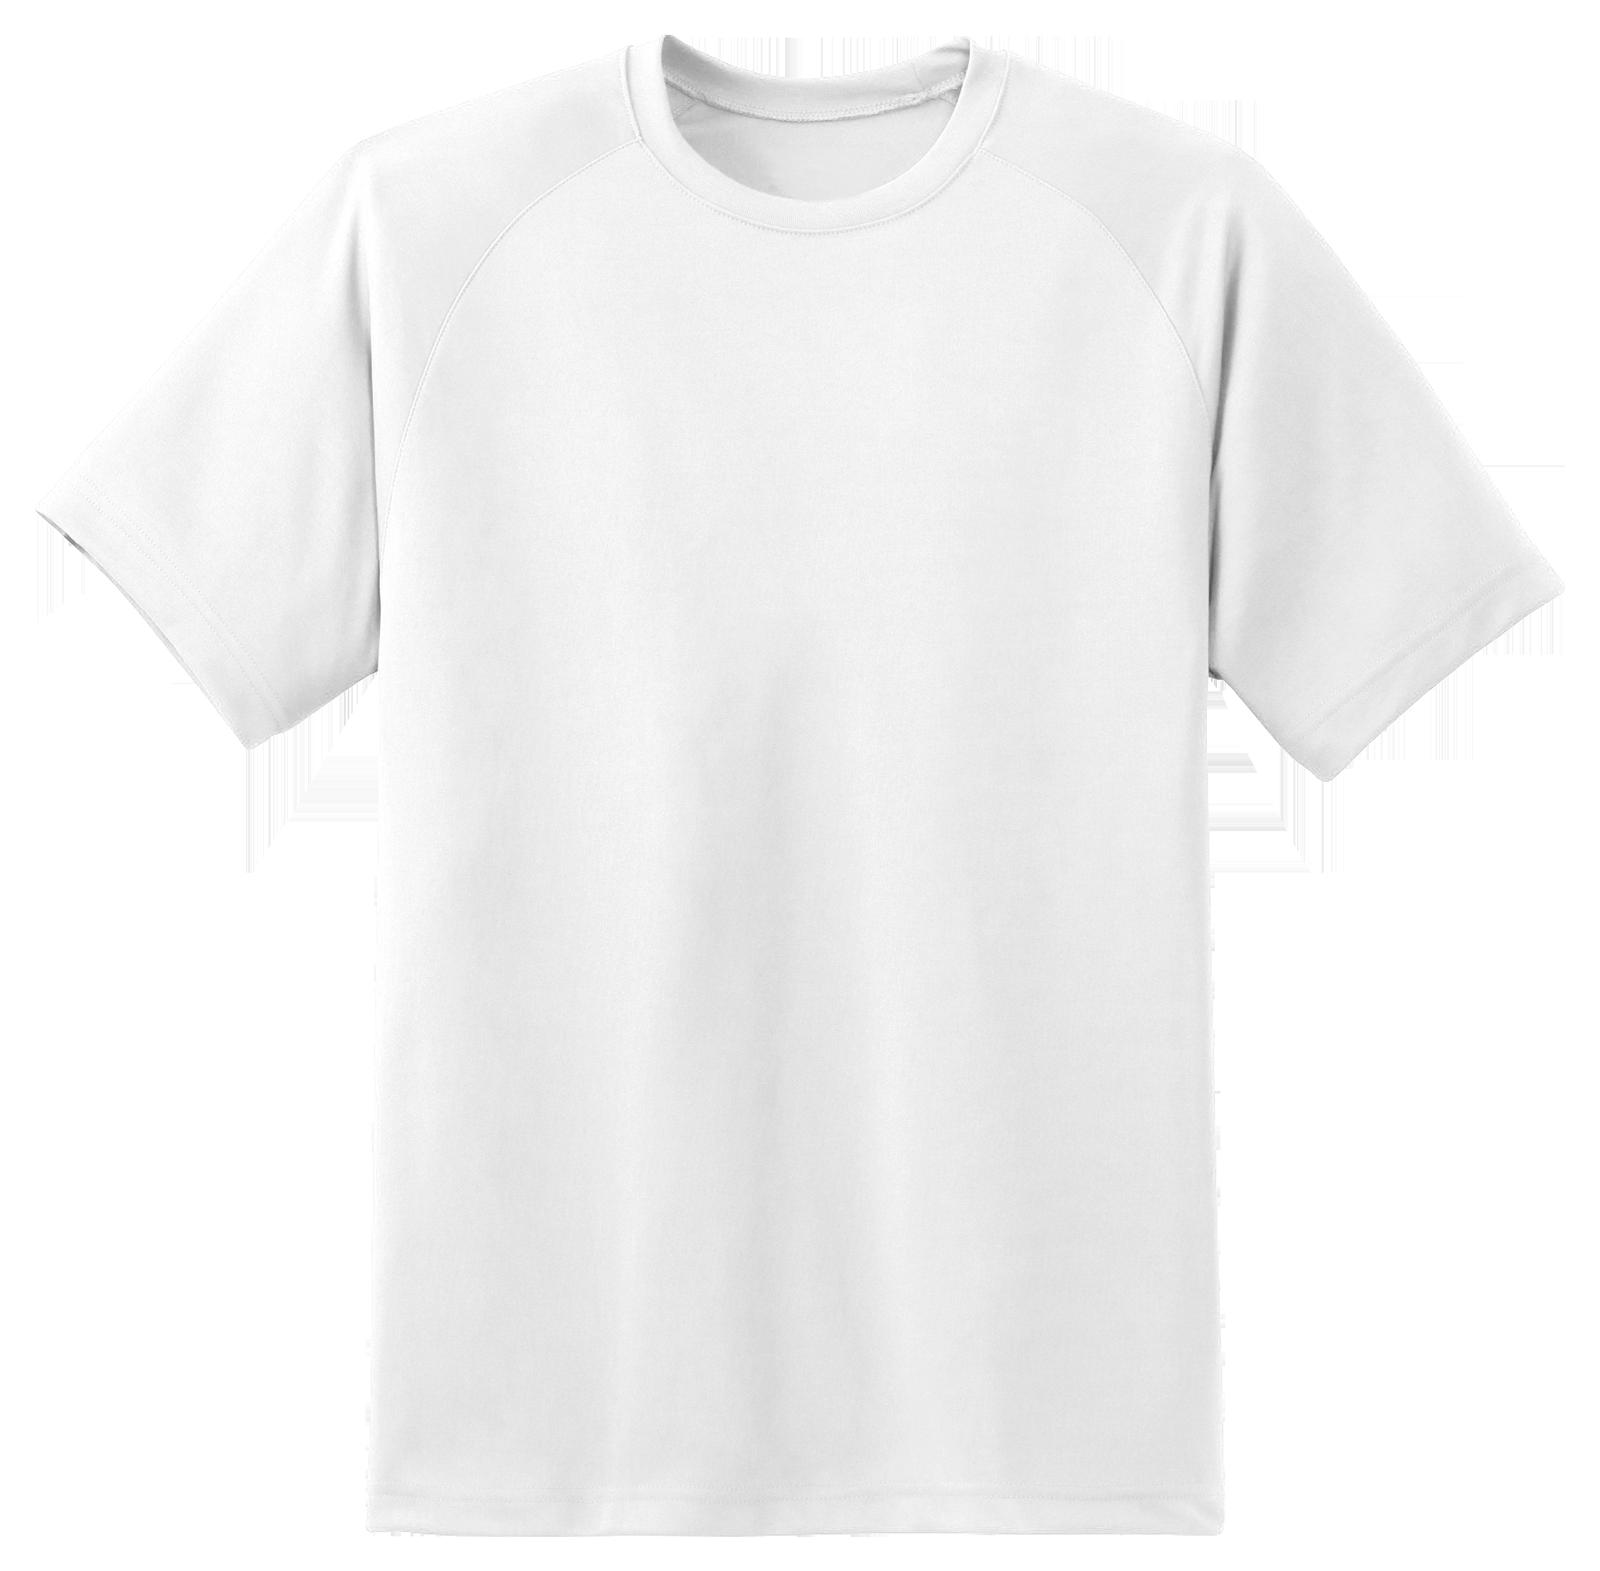 White Tshirt PNG Image